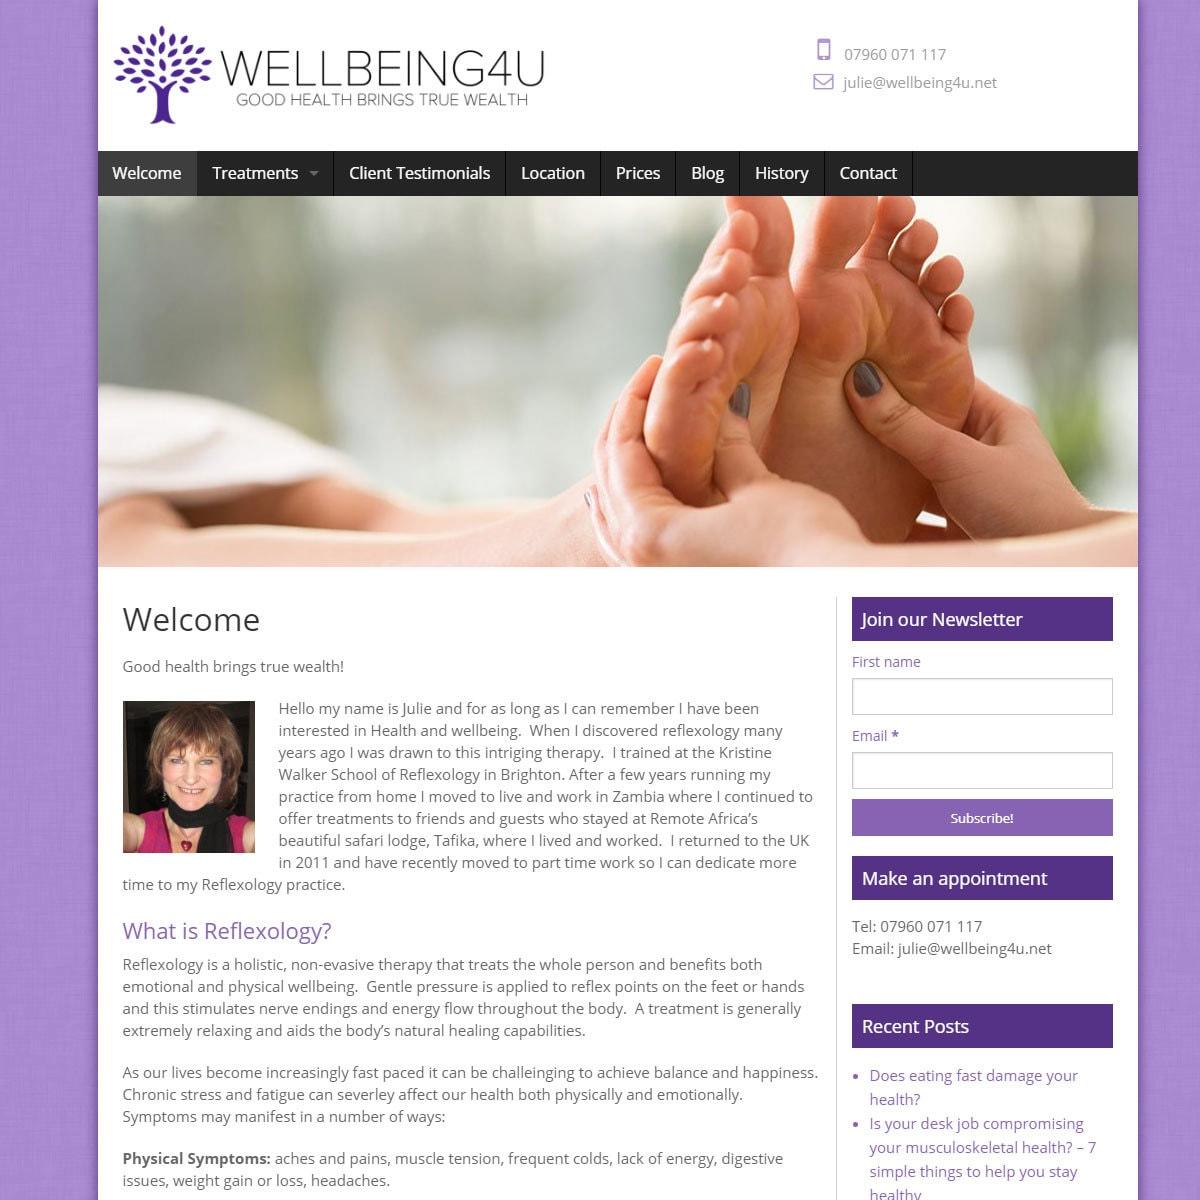 wellbeing4u